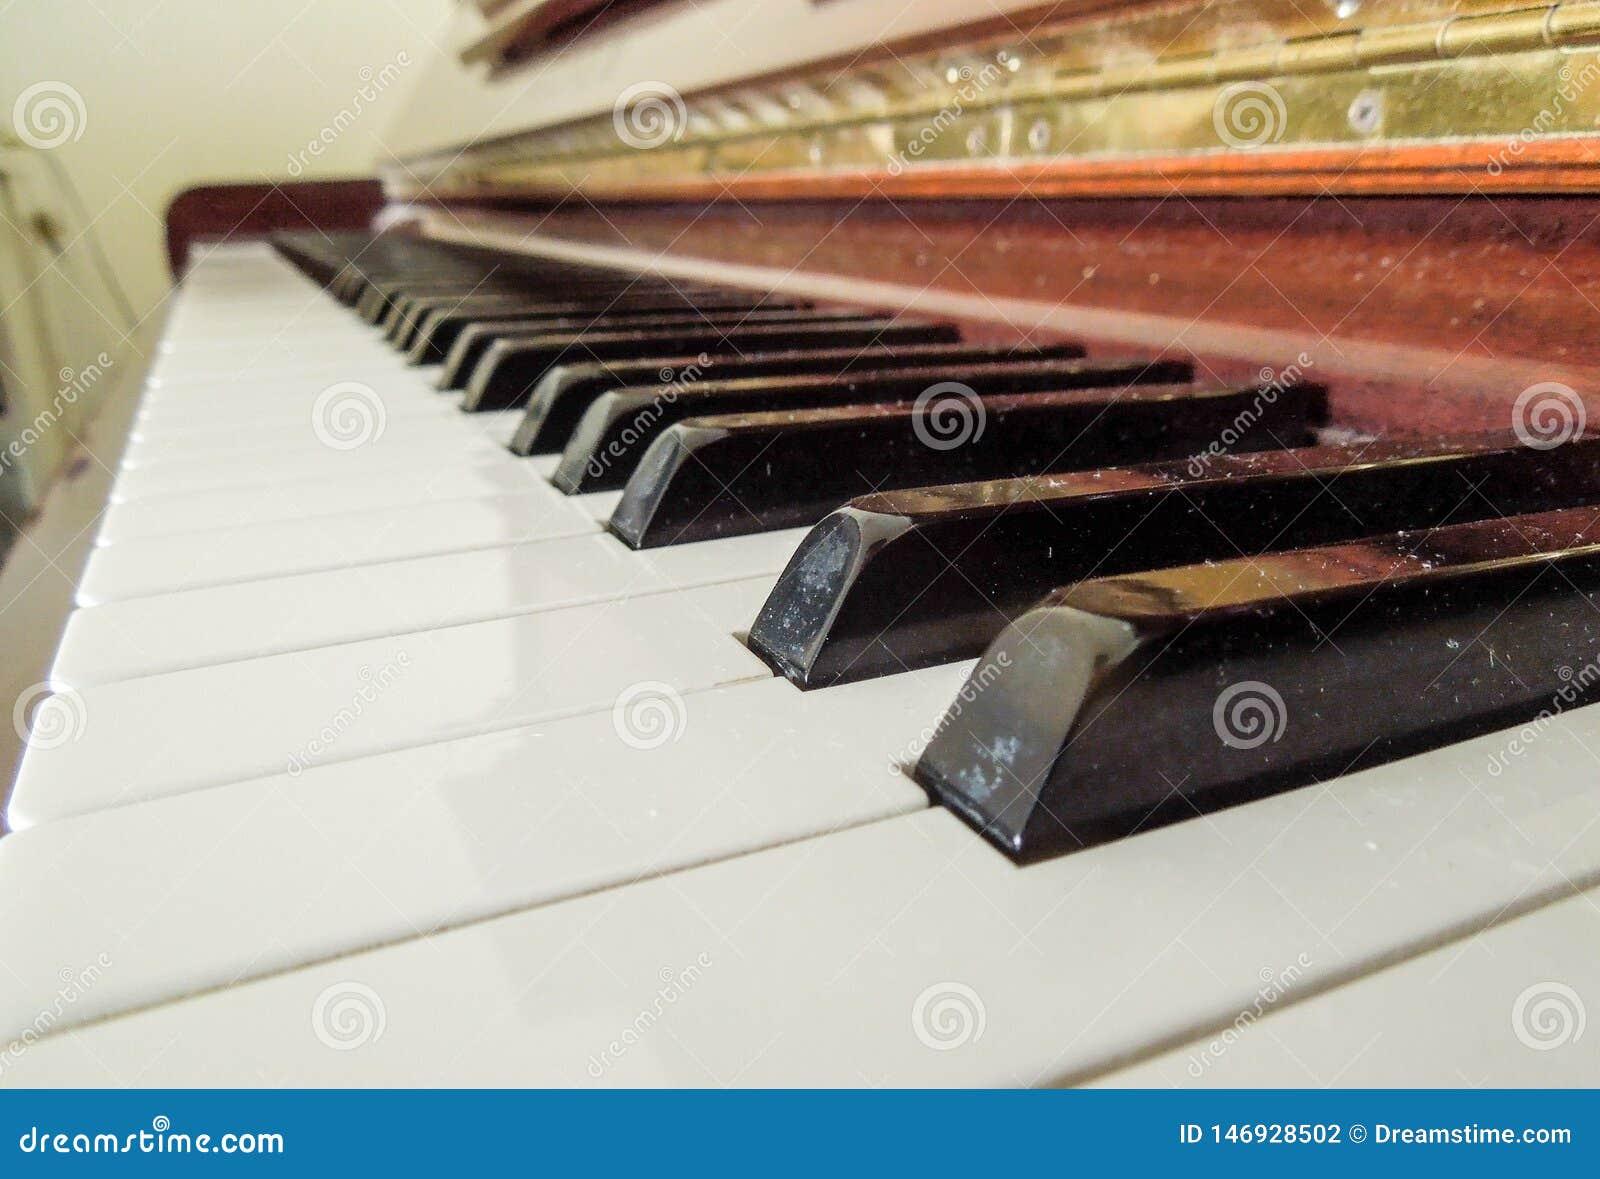 Closup деревянного рояля с 2 черными ключами в фокусе